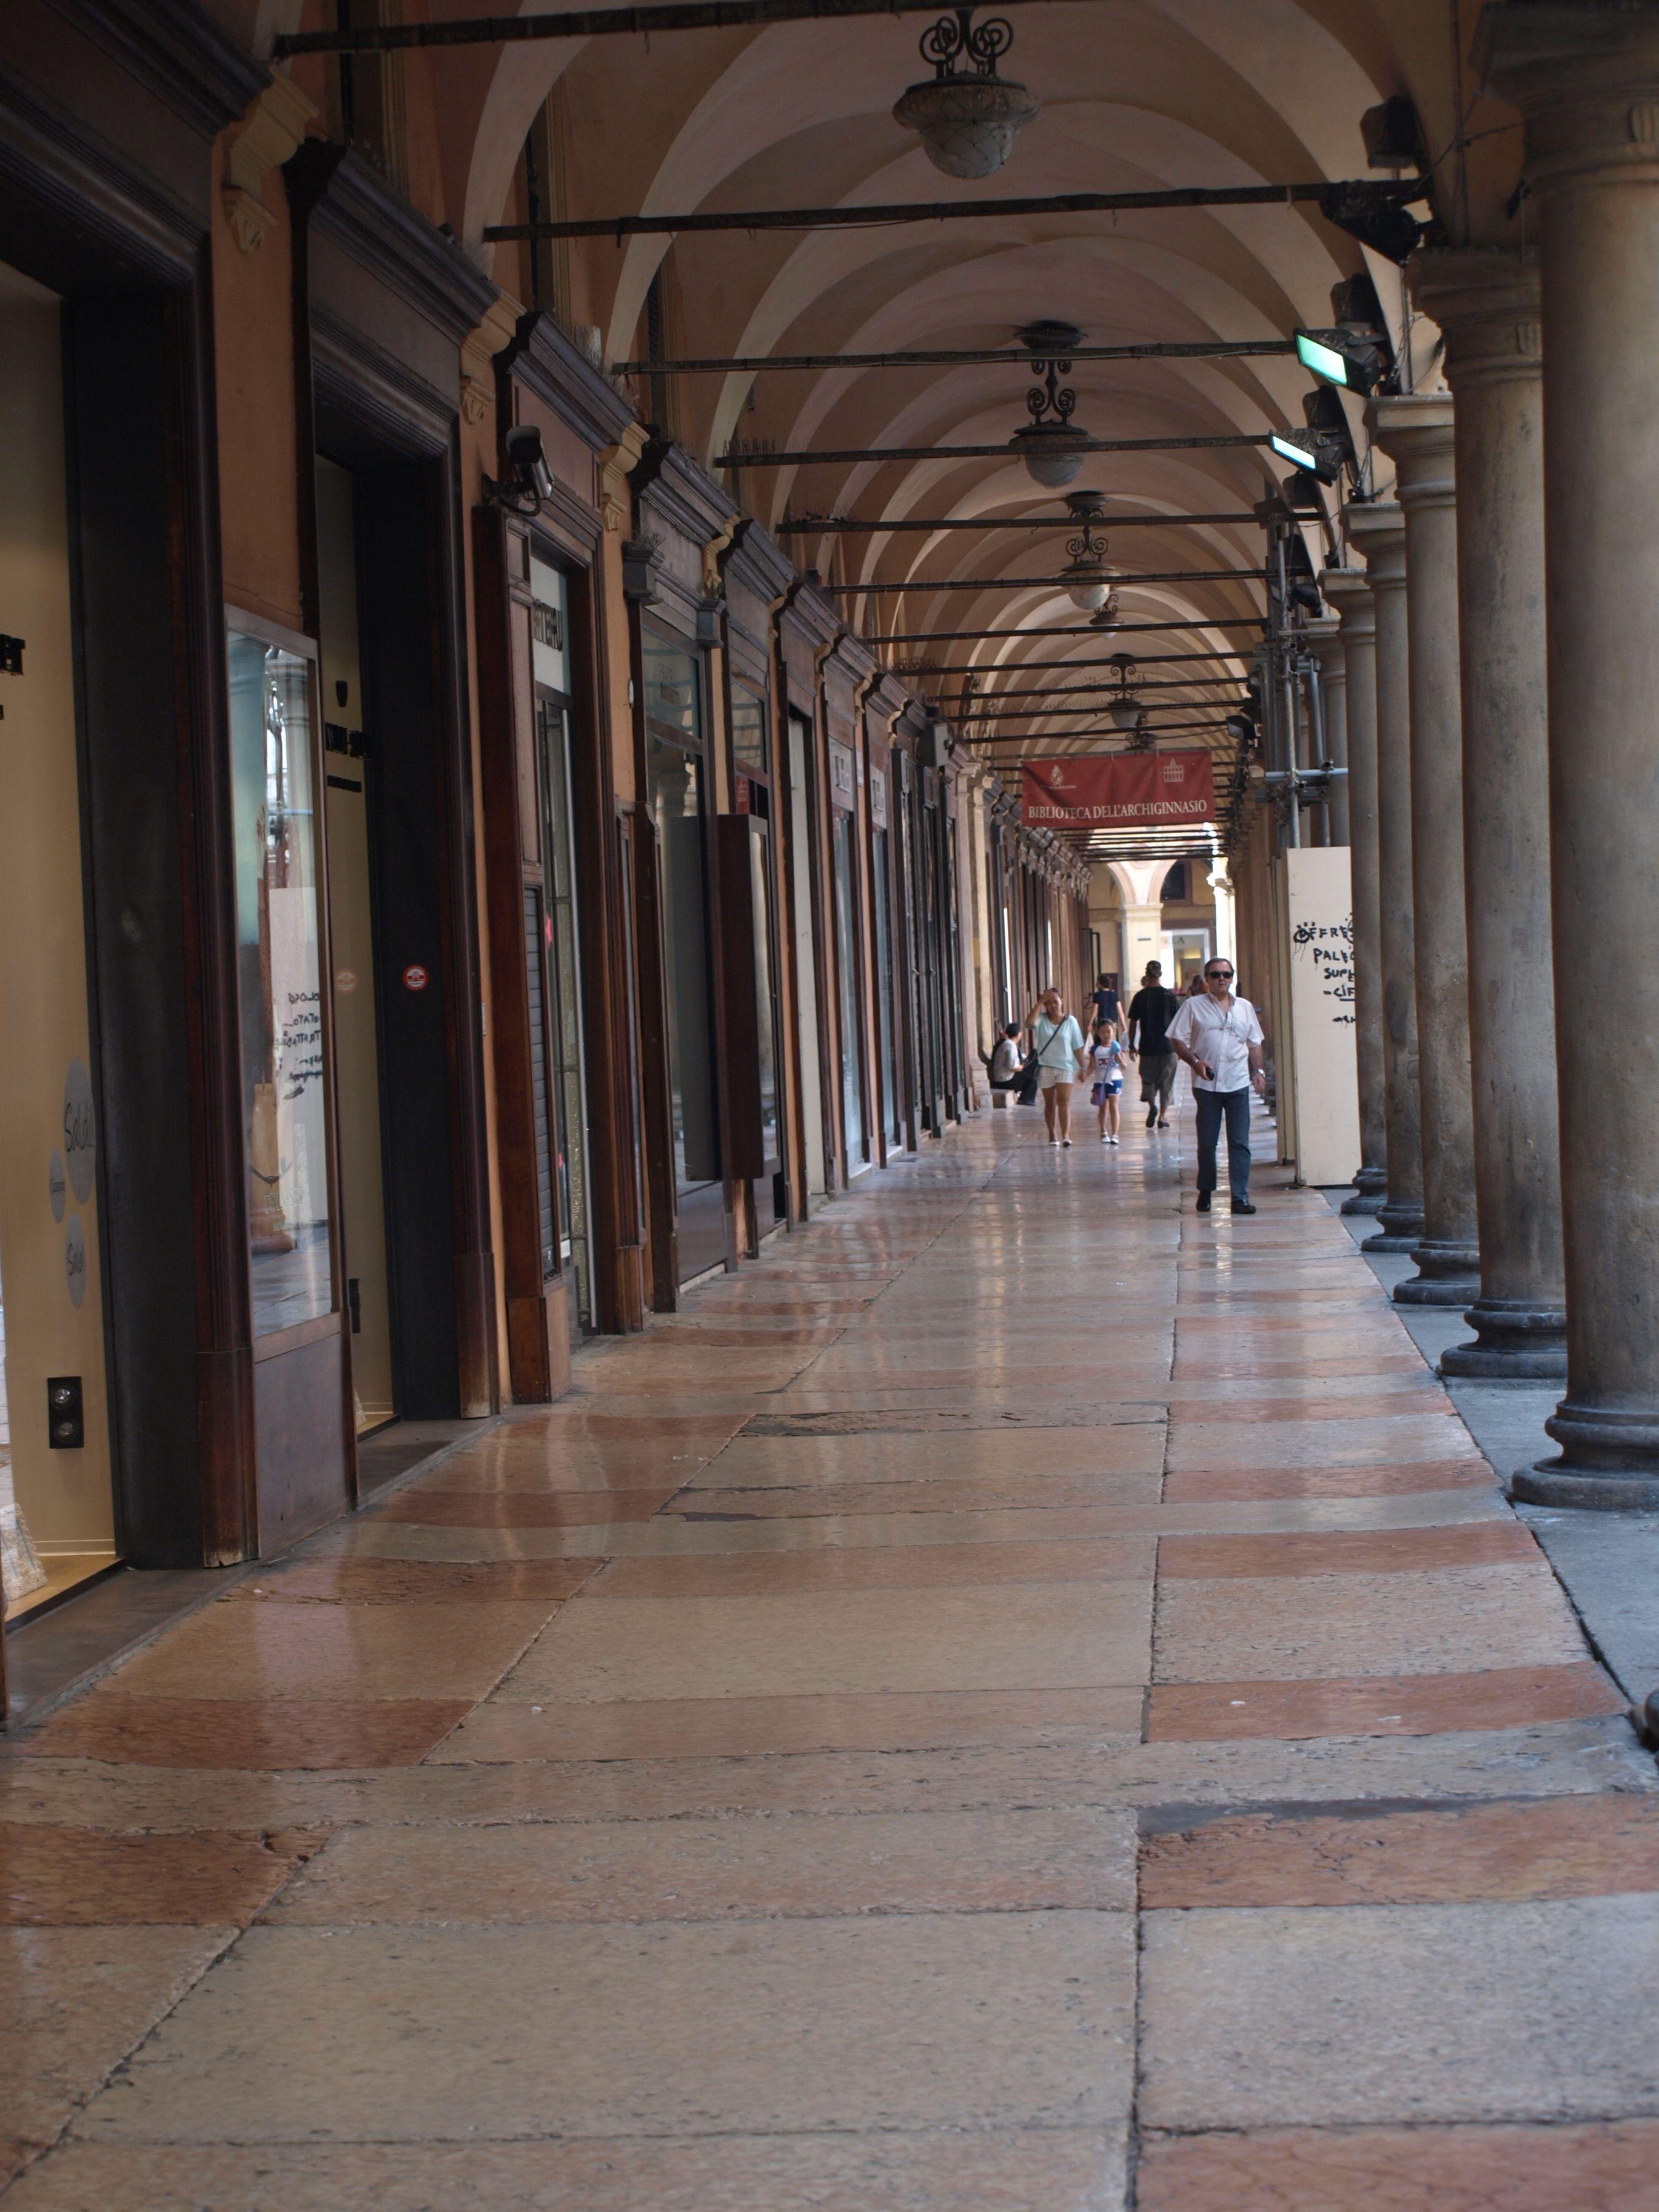 Portici di Bologna Portico, Bologna